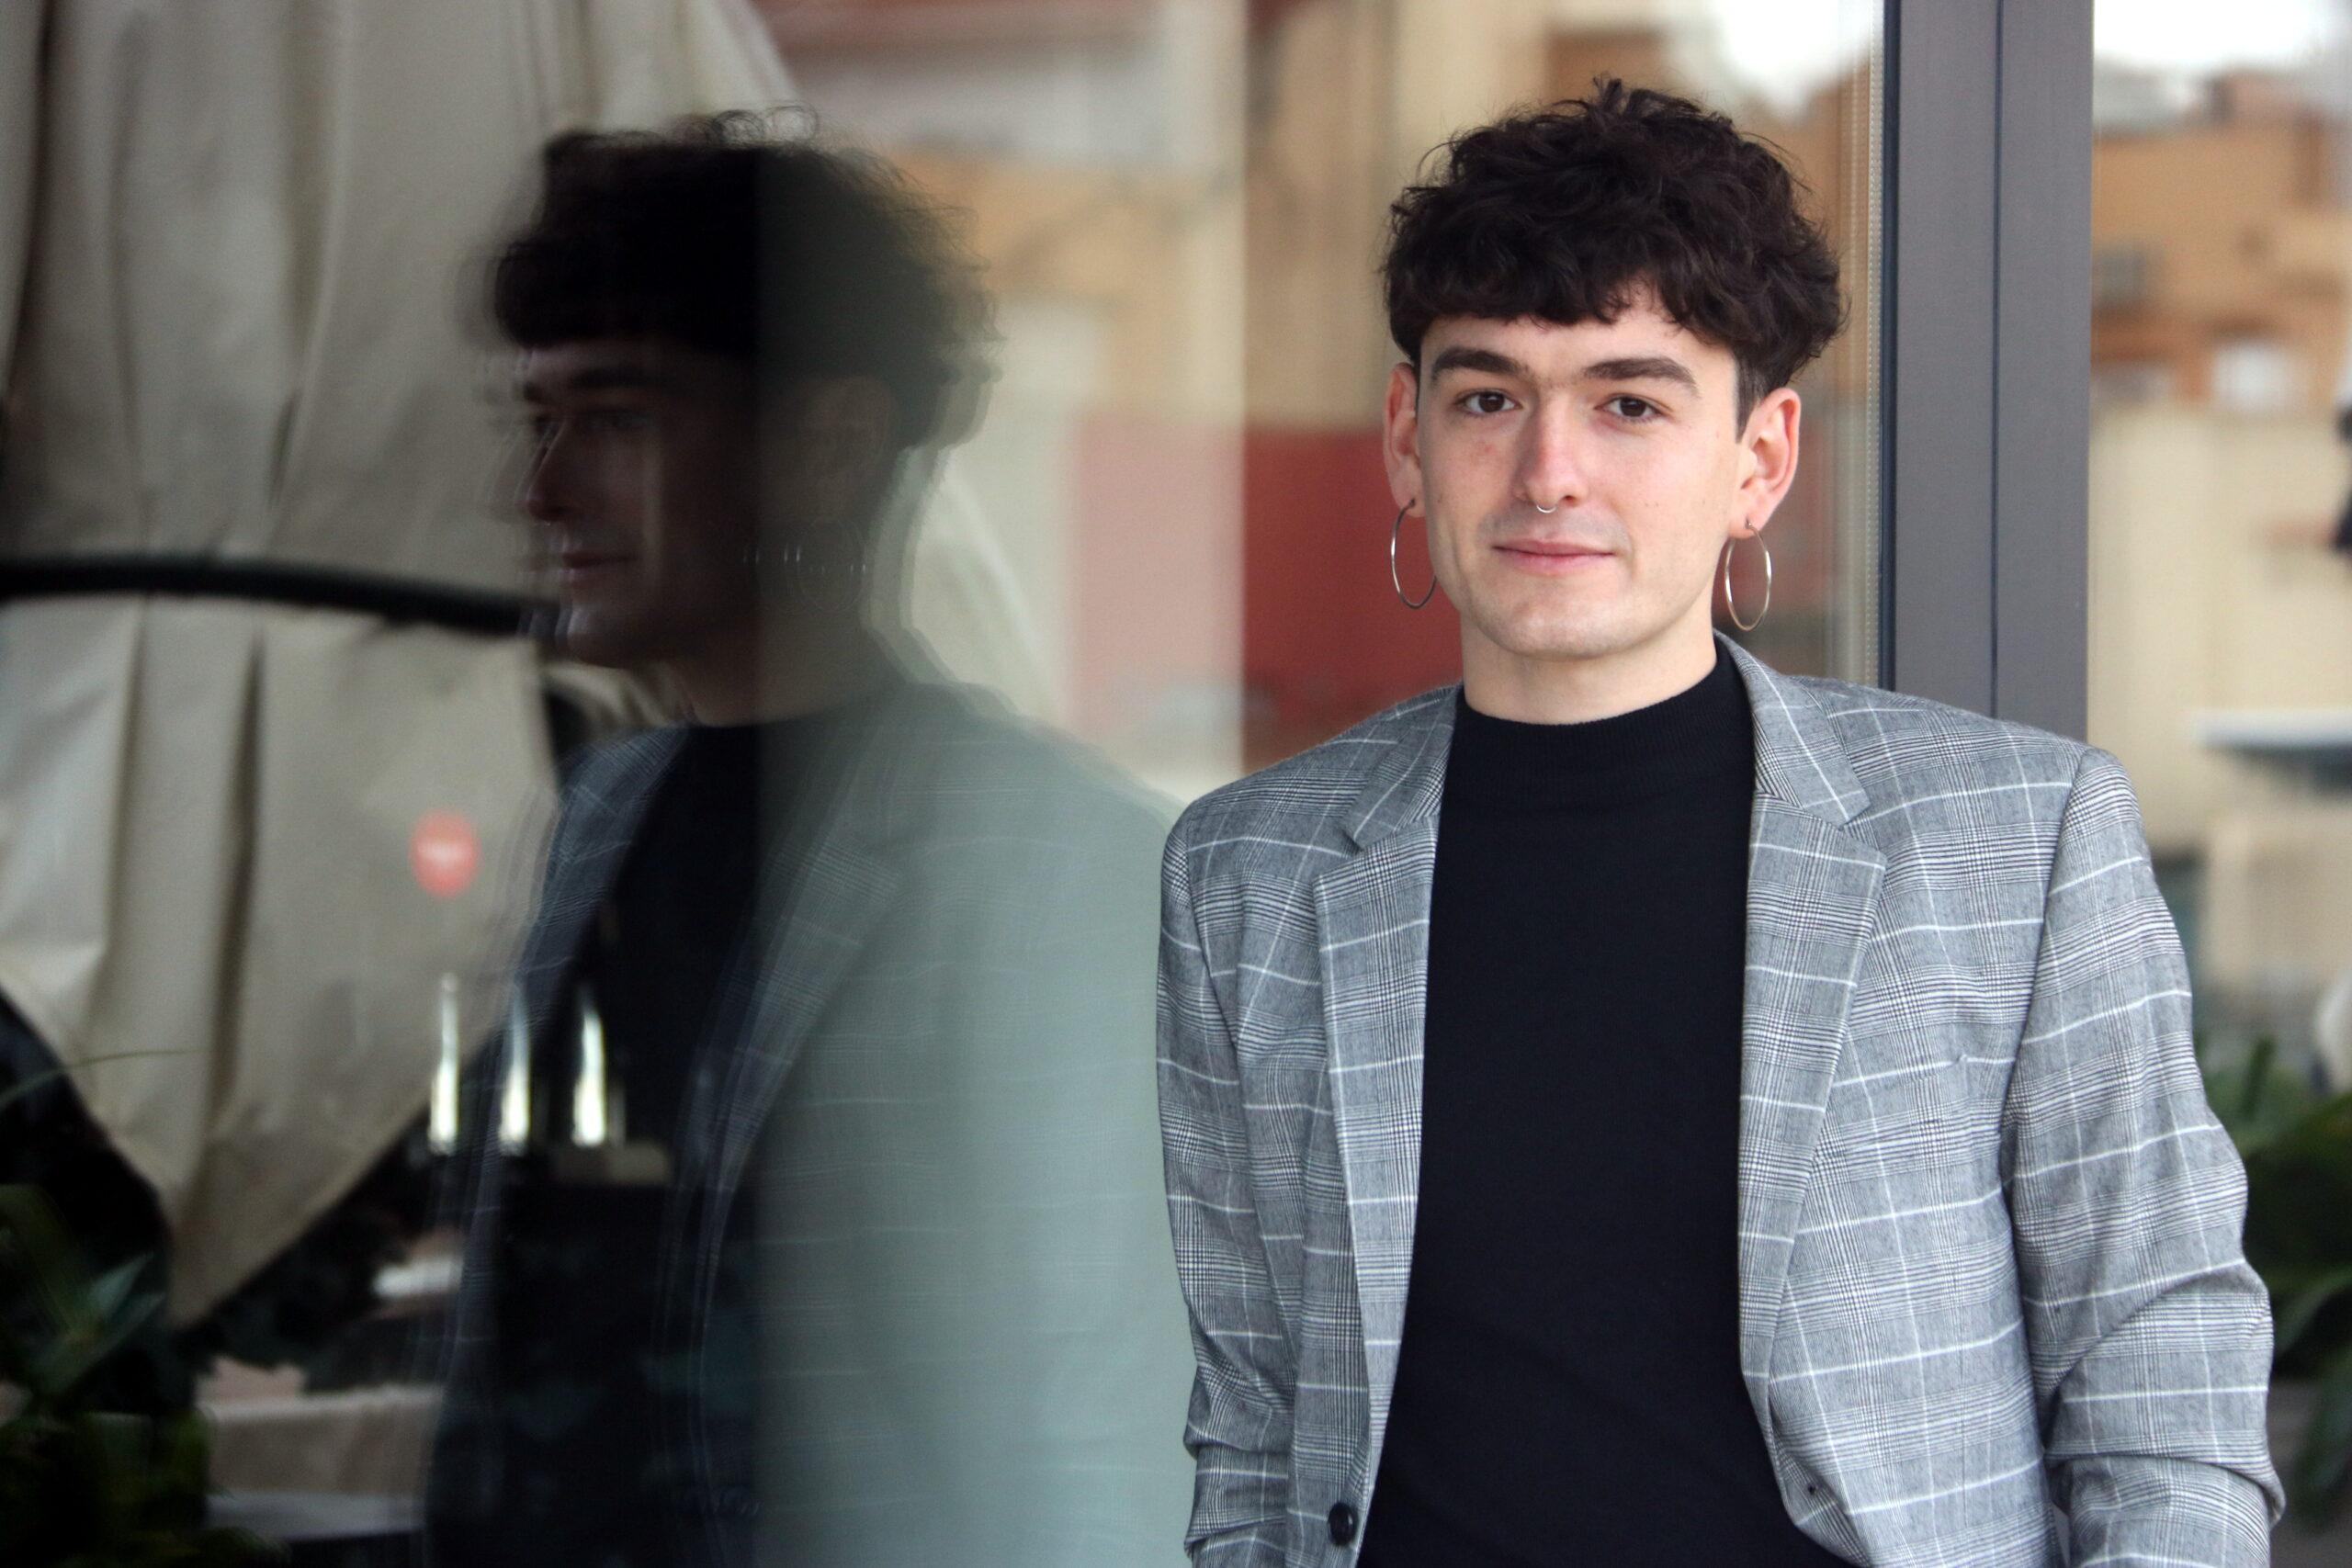 Pol Guasch, guanyador del 6è Premi Llibres Anagrama de Novel·la amb l'obra 'Napalm al cor', a la terrassa de l'Hotel Condes de Barcelona / ACN